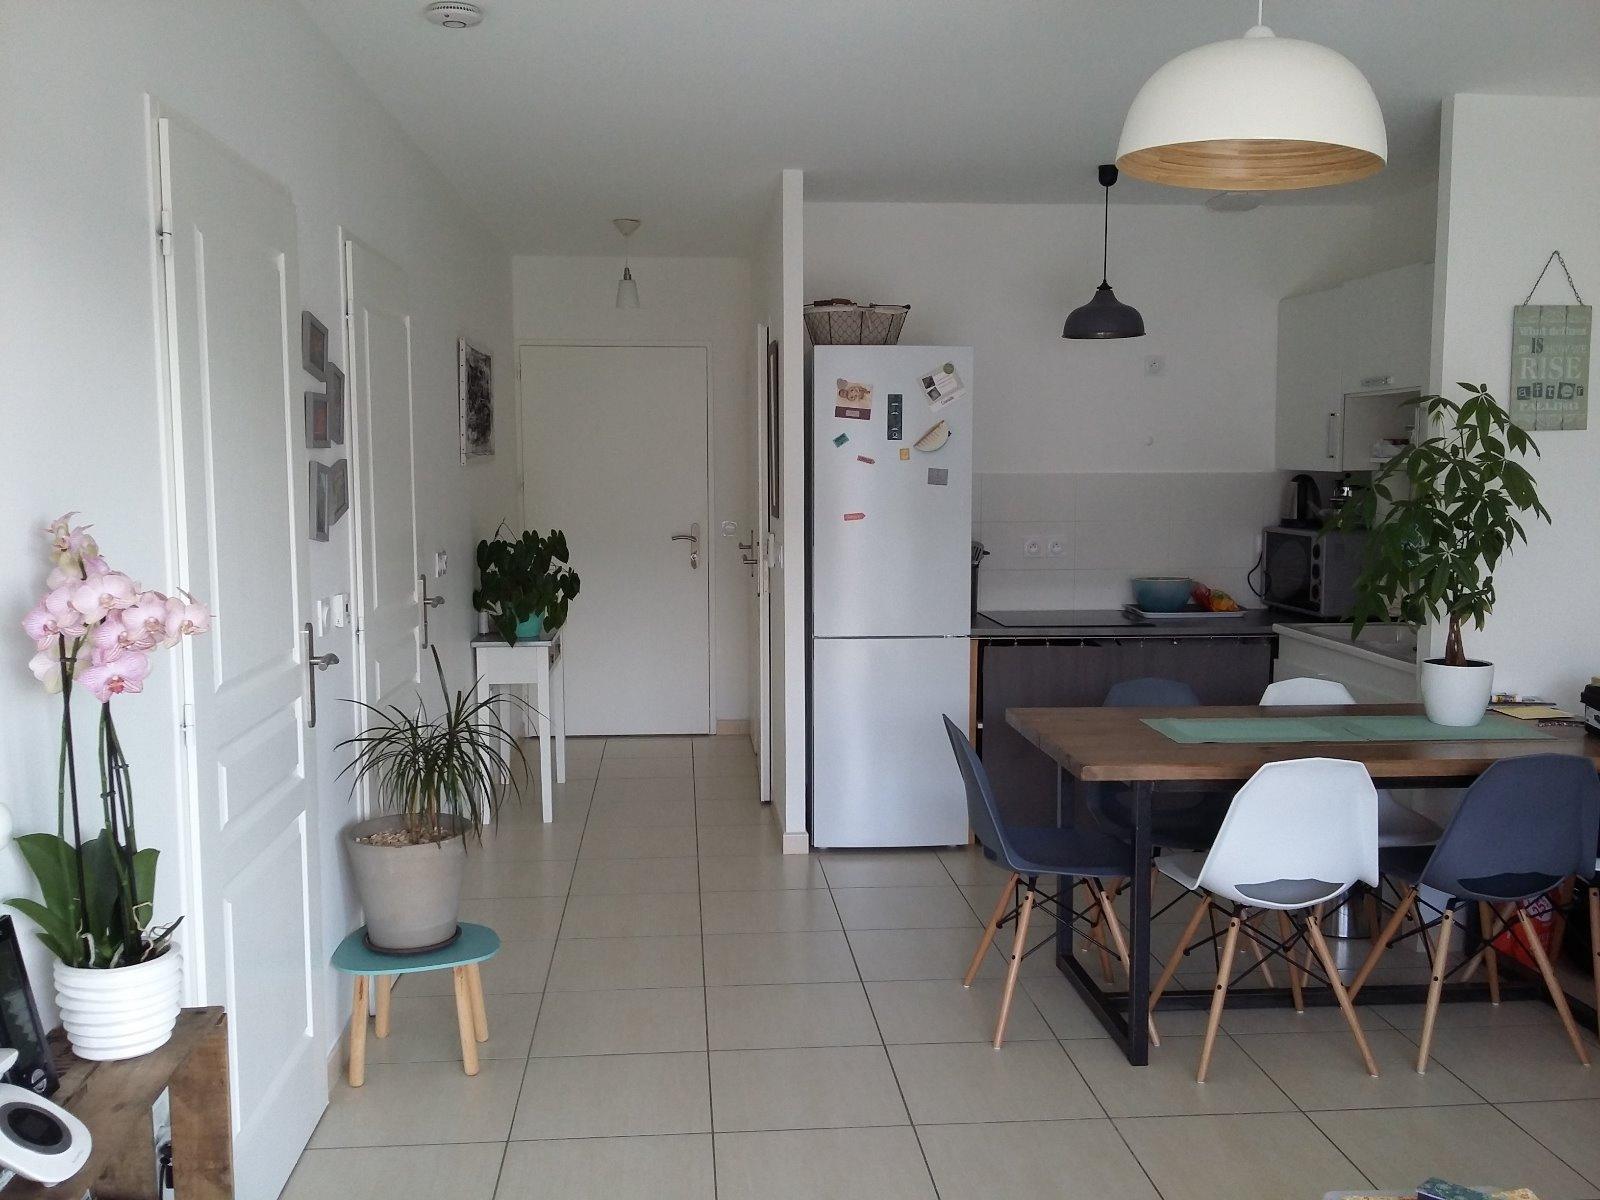 Location appartement guilherand granges 07500 sur le partenaire - Guilherand granges 07500 ...